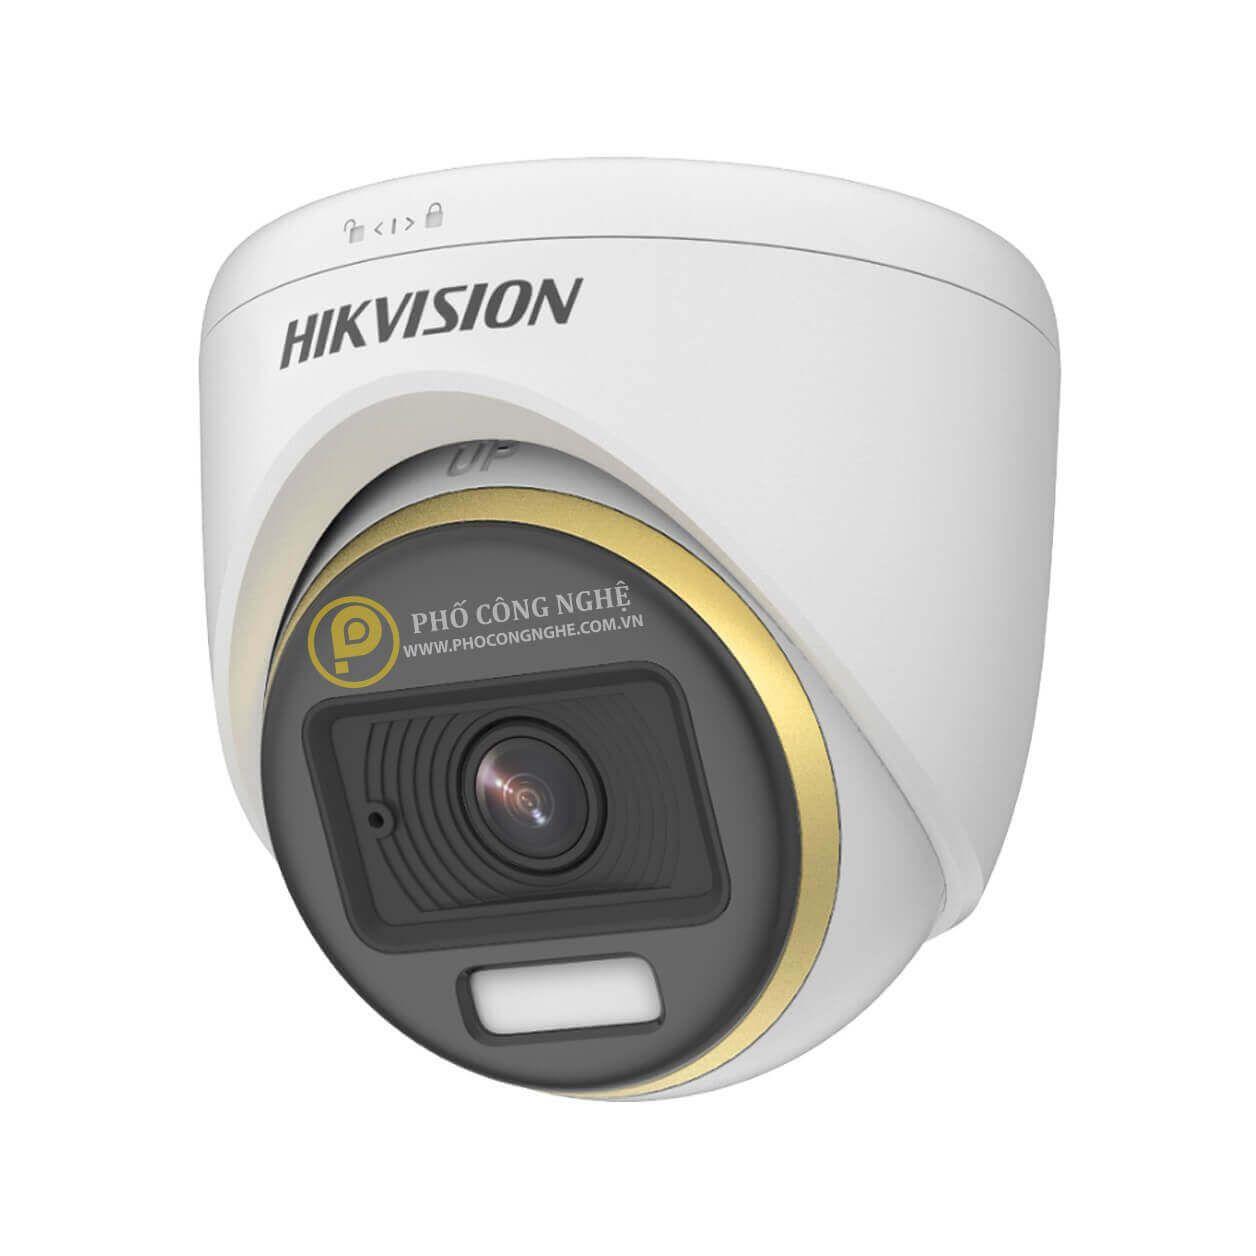 Hikvision DS-2CE70DF3T-PFS